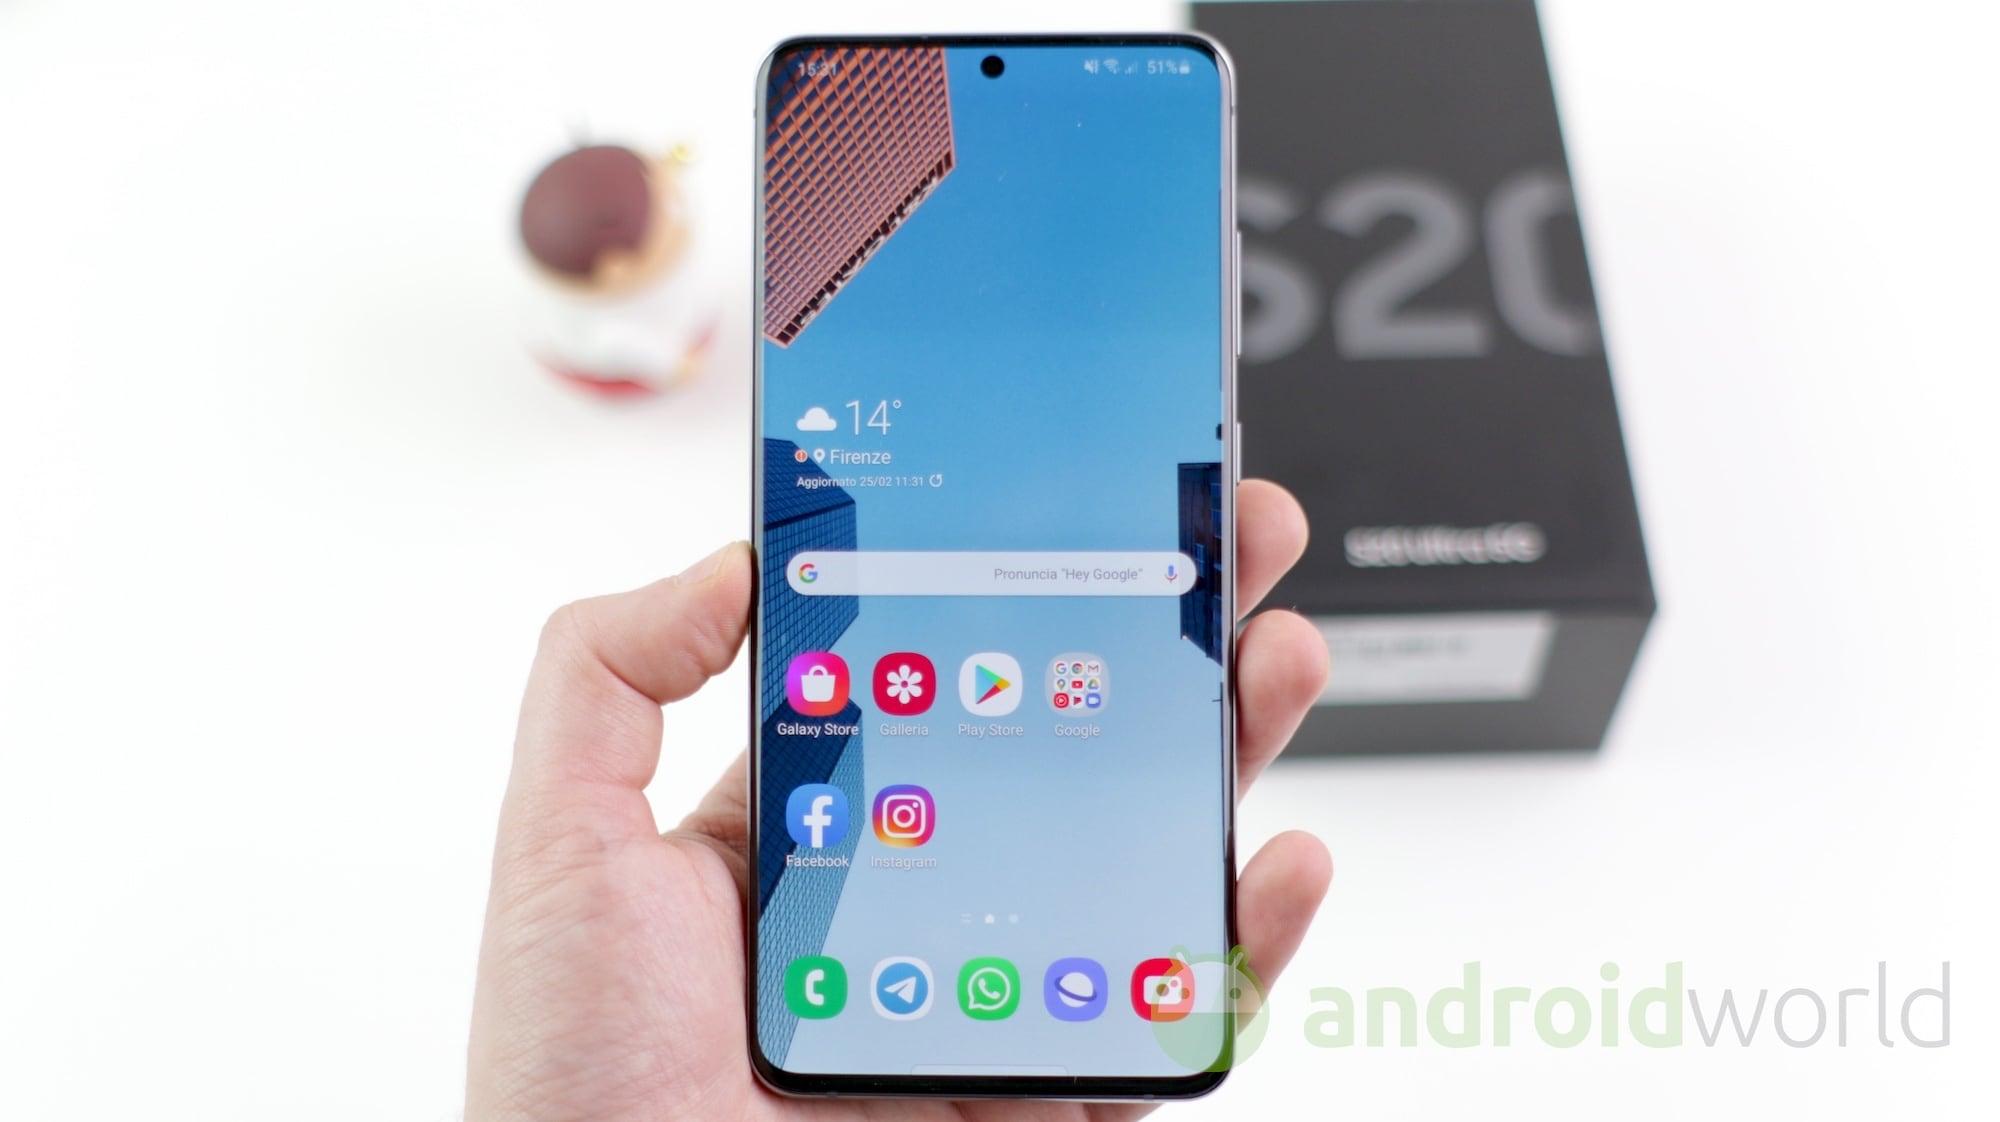 Cercate i selfie quasi perfetti? Allora comprate Galaxy S20 Ultra, in grande spolvero su DxOMark (foto)